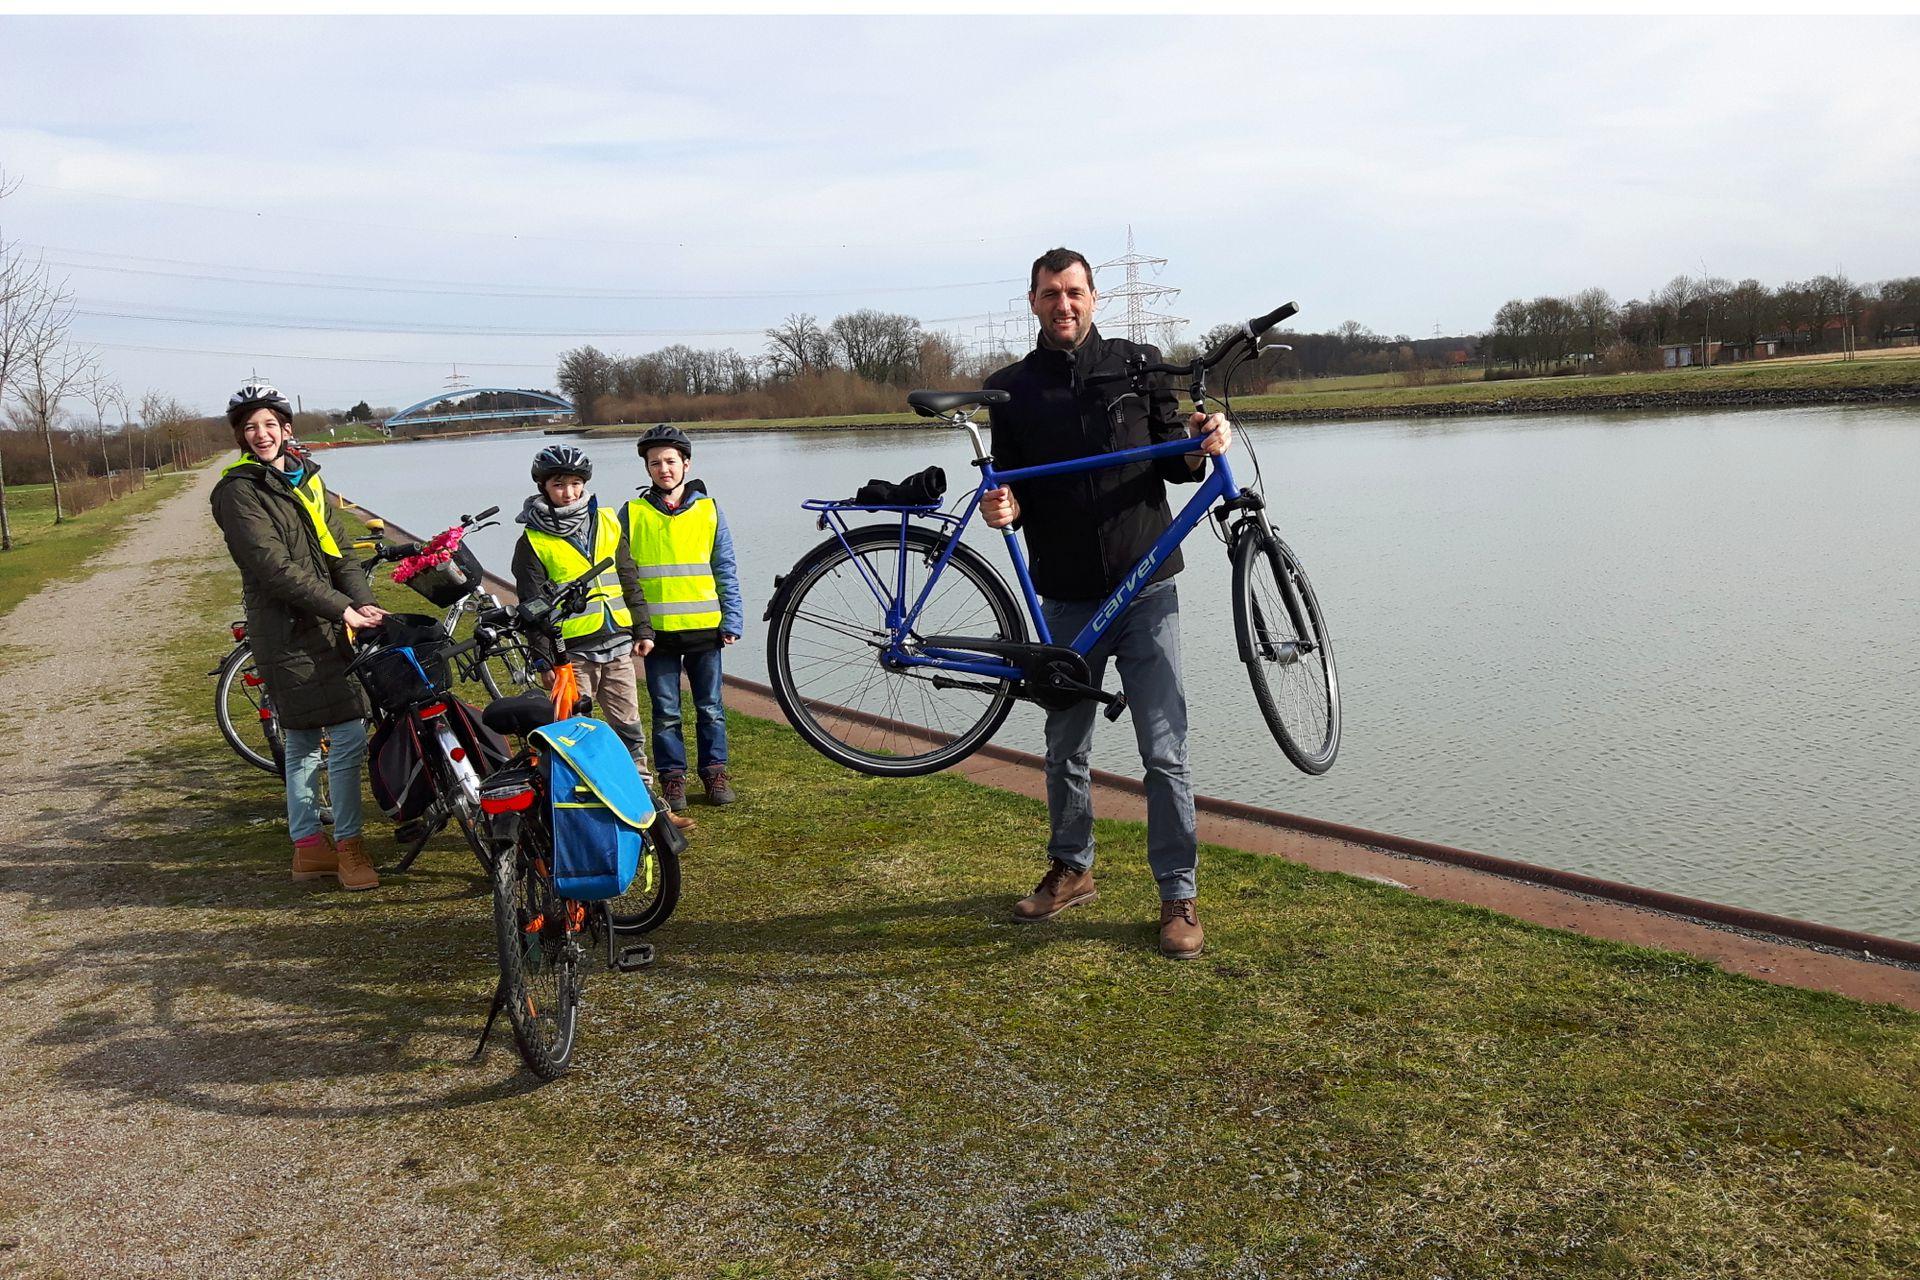 La familia Degener disfruta realizar recorridos por Münsterland, la región en donde viven.